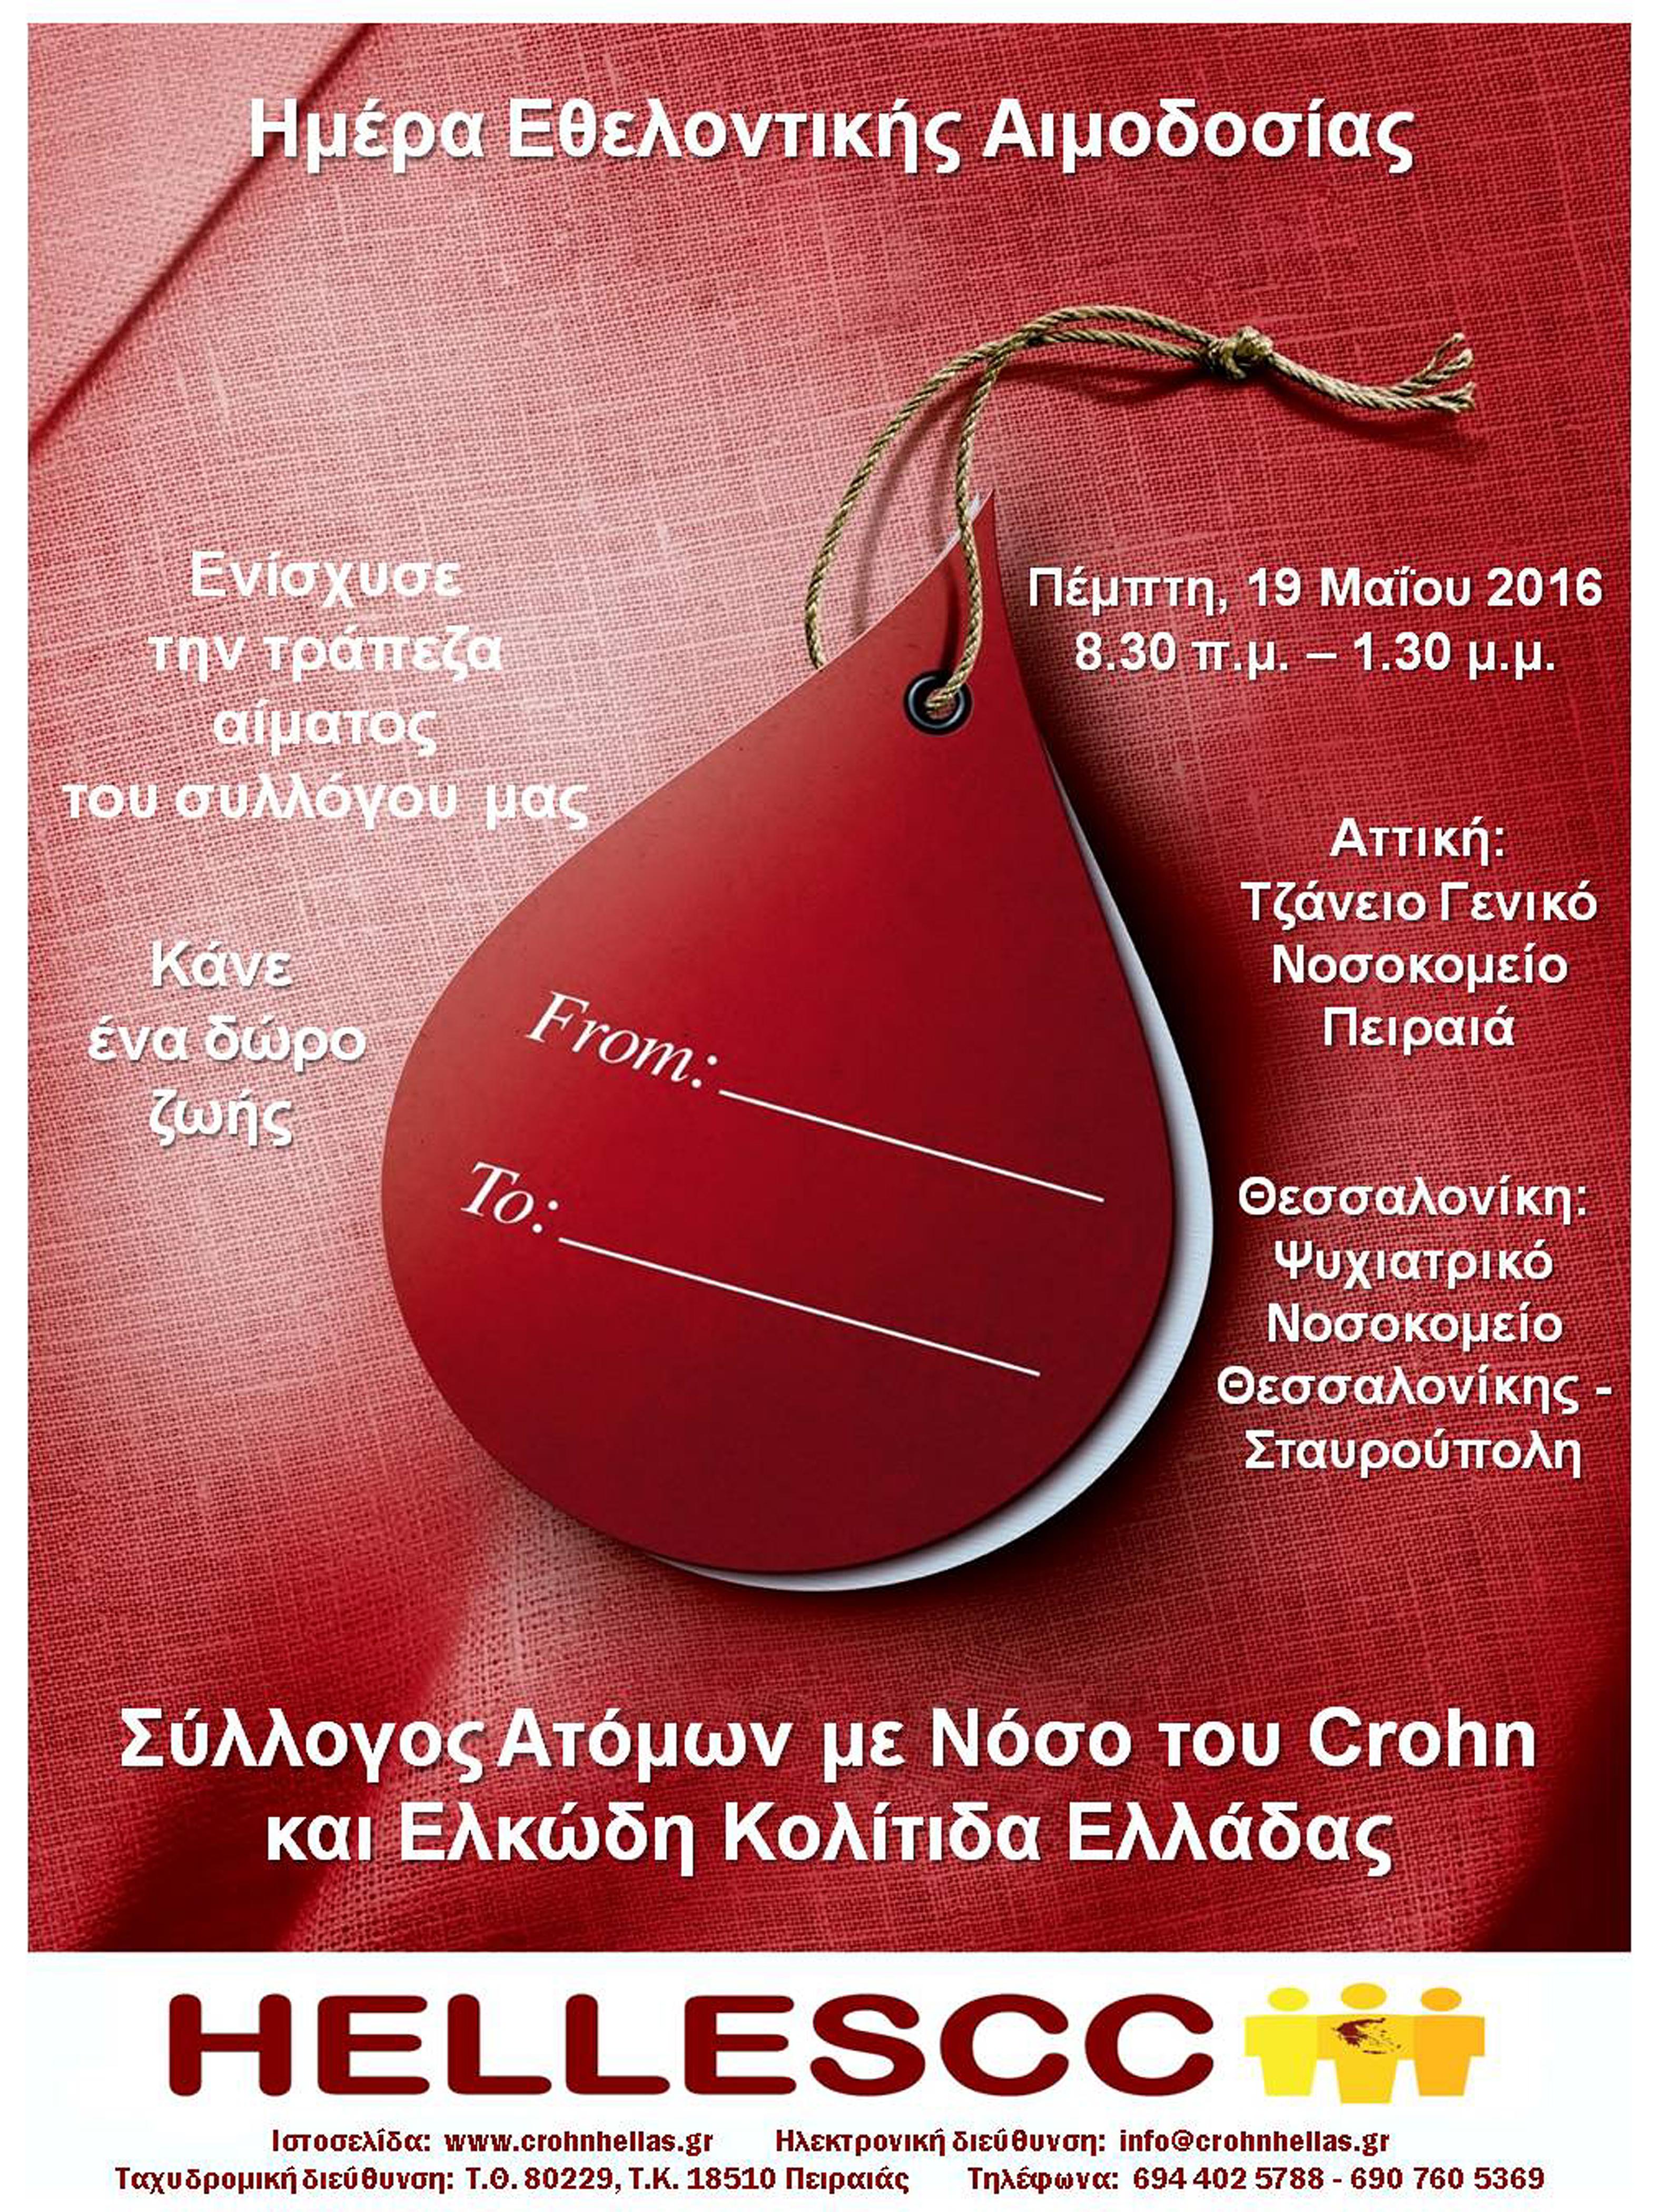 Ημέρα Εθελοντικής Αιμοδοσίας για τους ασθενείς με τη νόσο του Crohn και την ελκώδη κολίτιδα